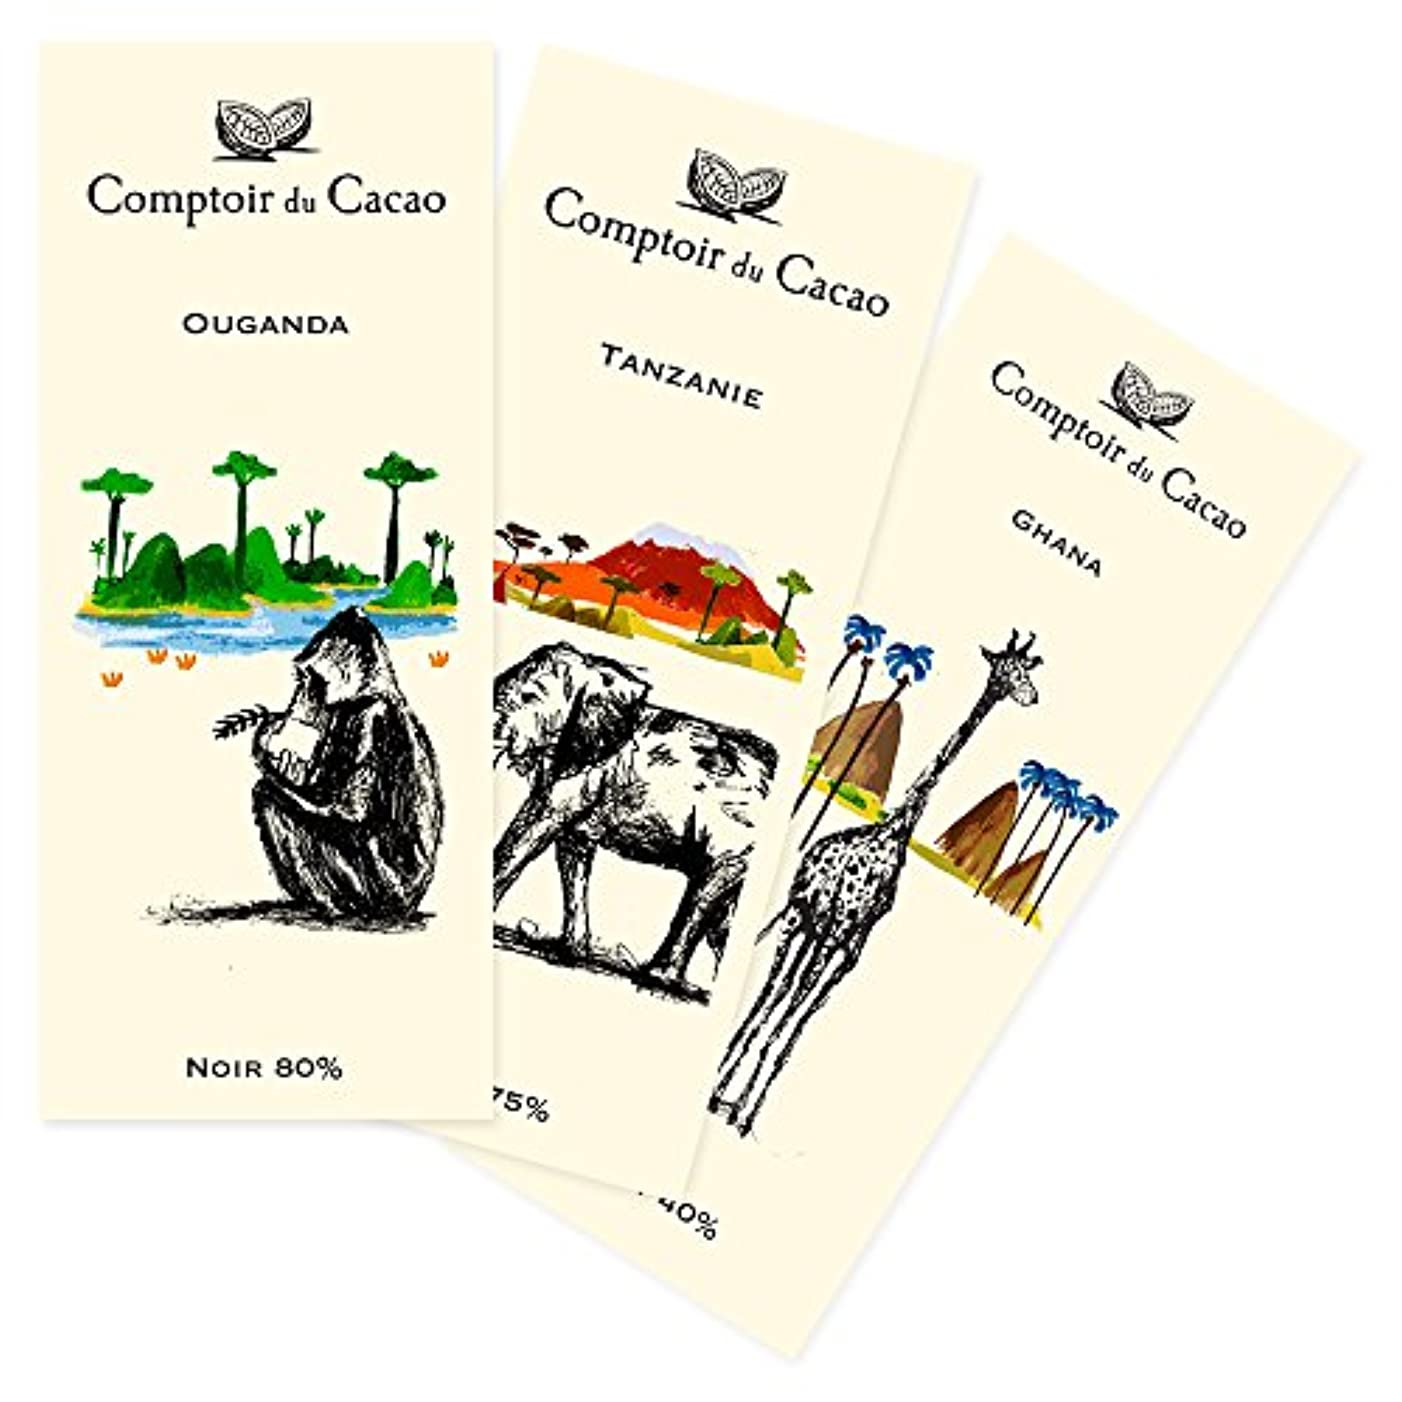 追い出すシンポジウム独裁コントワール?デュ?カカオ Comptoir du Cacao サファリチョコレート(板チョコレート)3 種セット